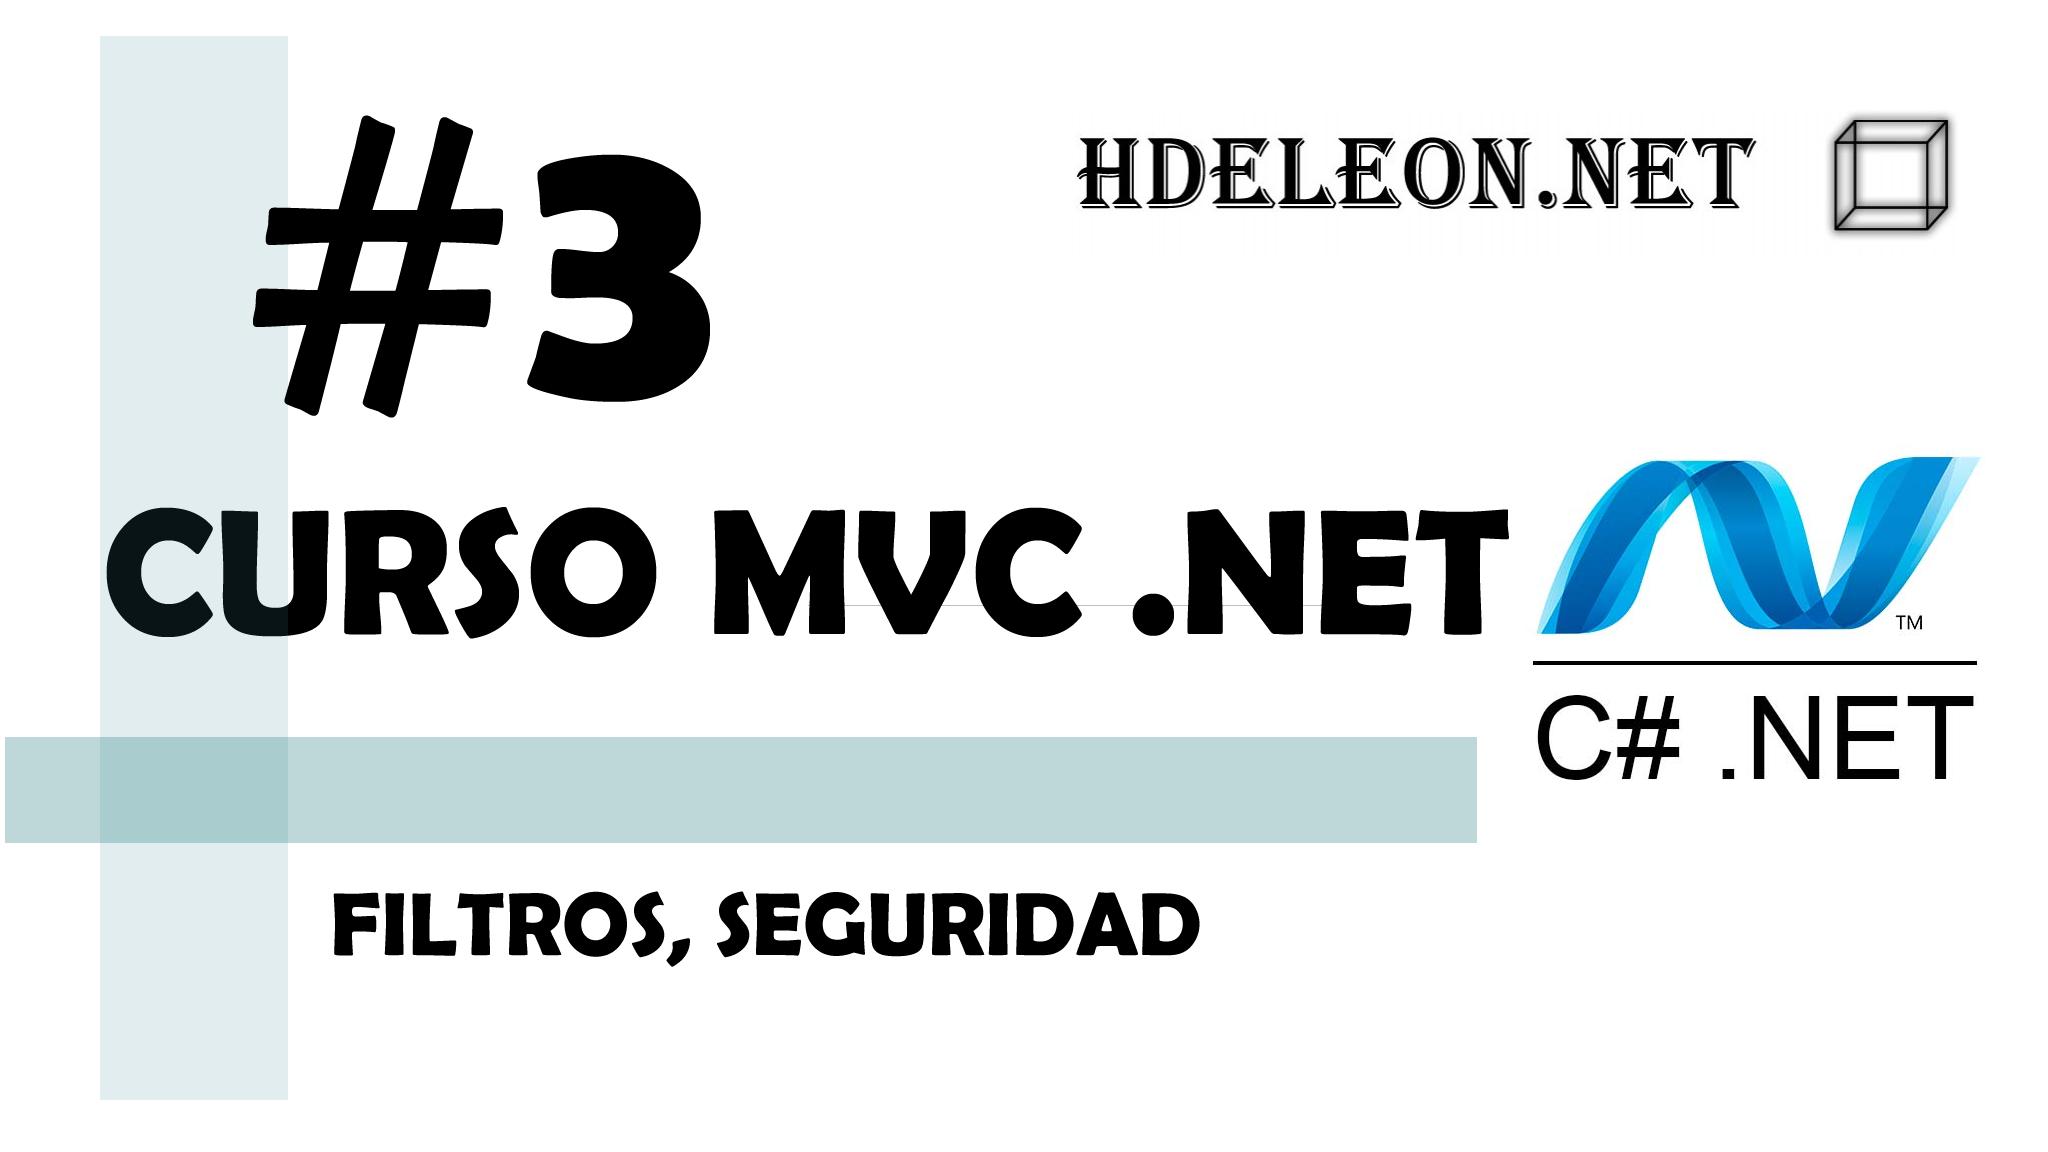 Curso de MVC .Net C# Filtros, seguridad #3